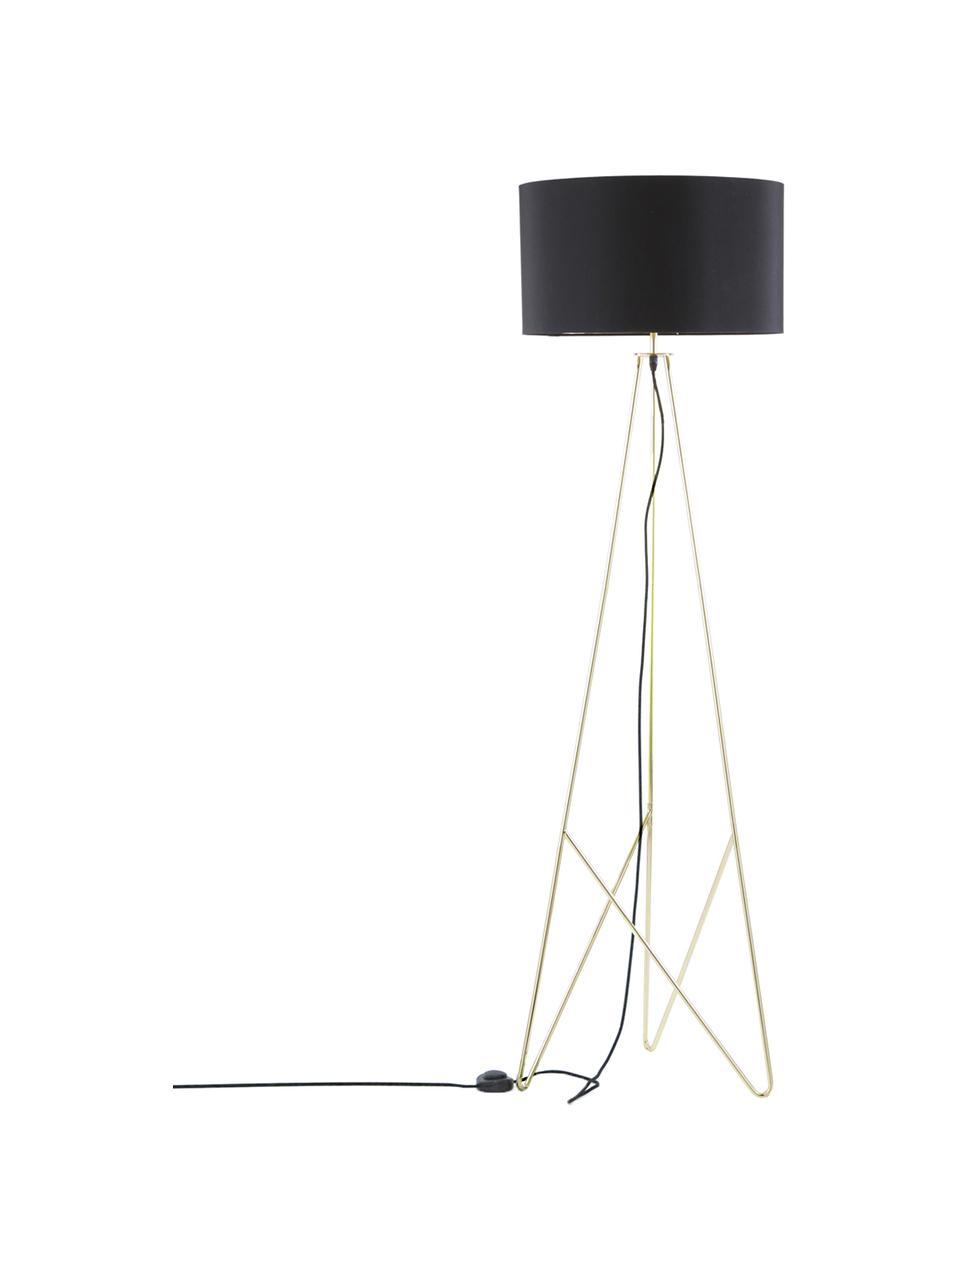 Stehlampe Jessica in Schwarz-Gold, Lampenschirm: Textil, Lampenfuß: Metall, verkupfert, Schwarz, Kupfer, Ø 45 x H 155 cm